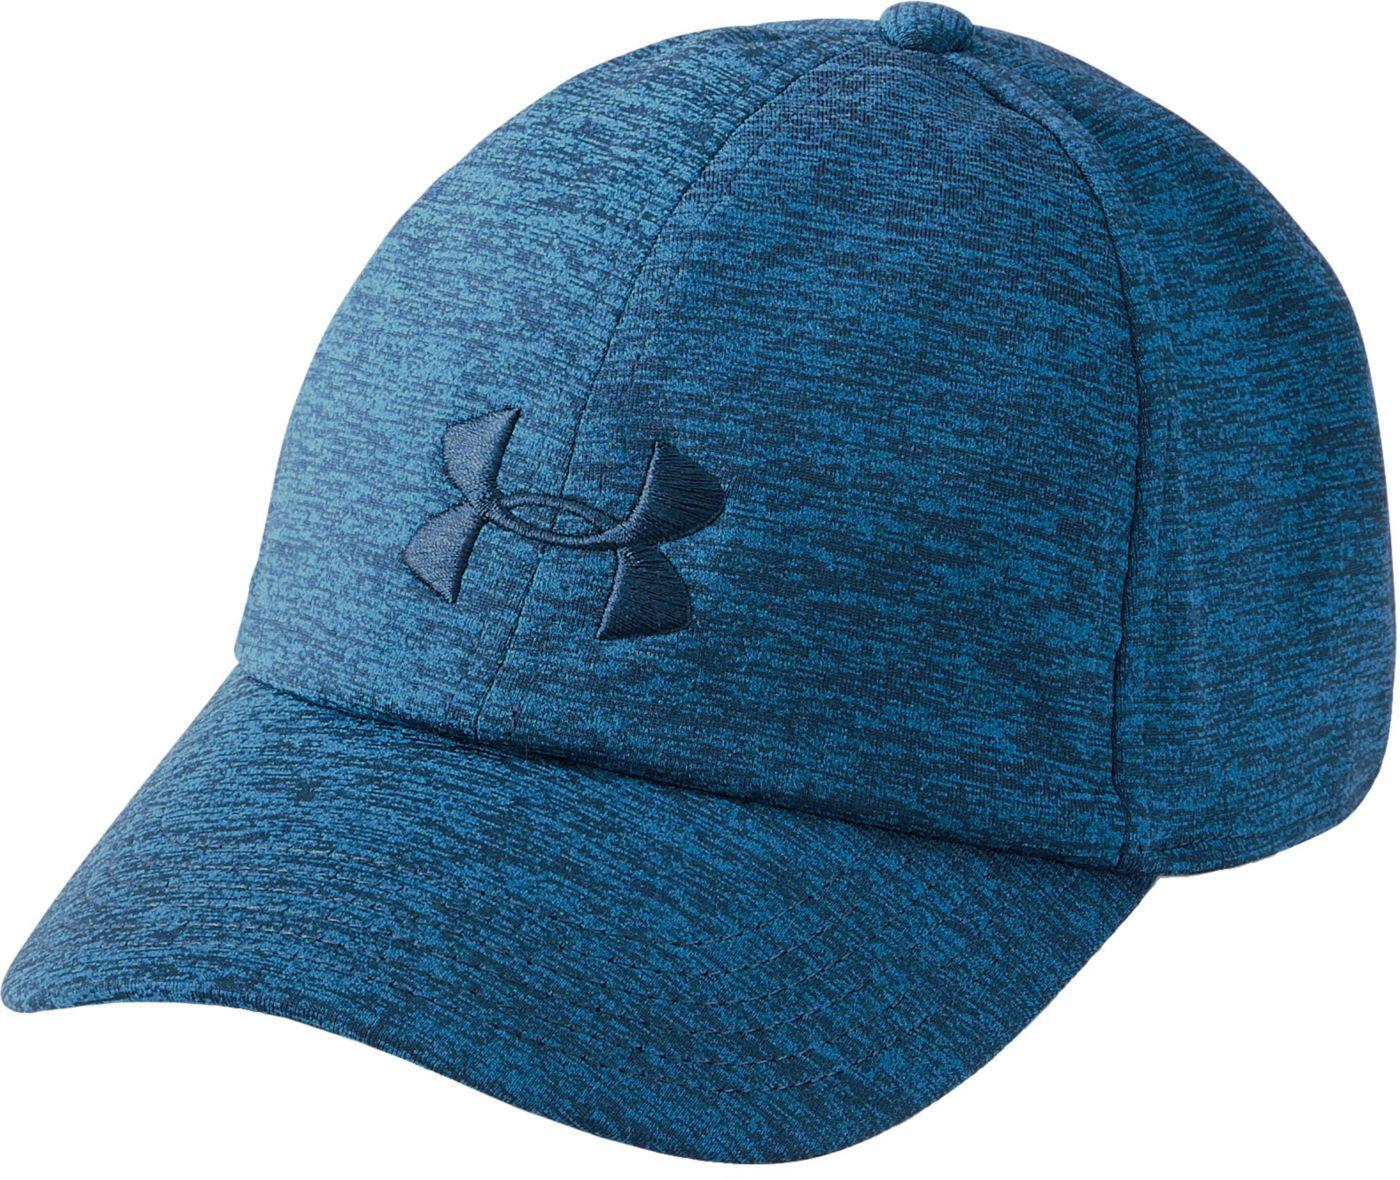 Under Armour Women's Threadborne Renegade Twist Hat